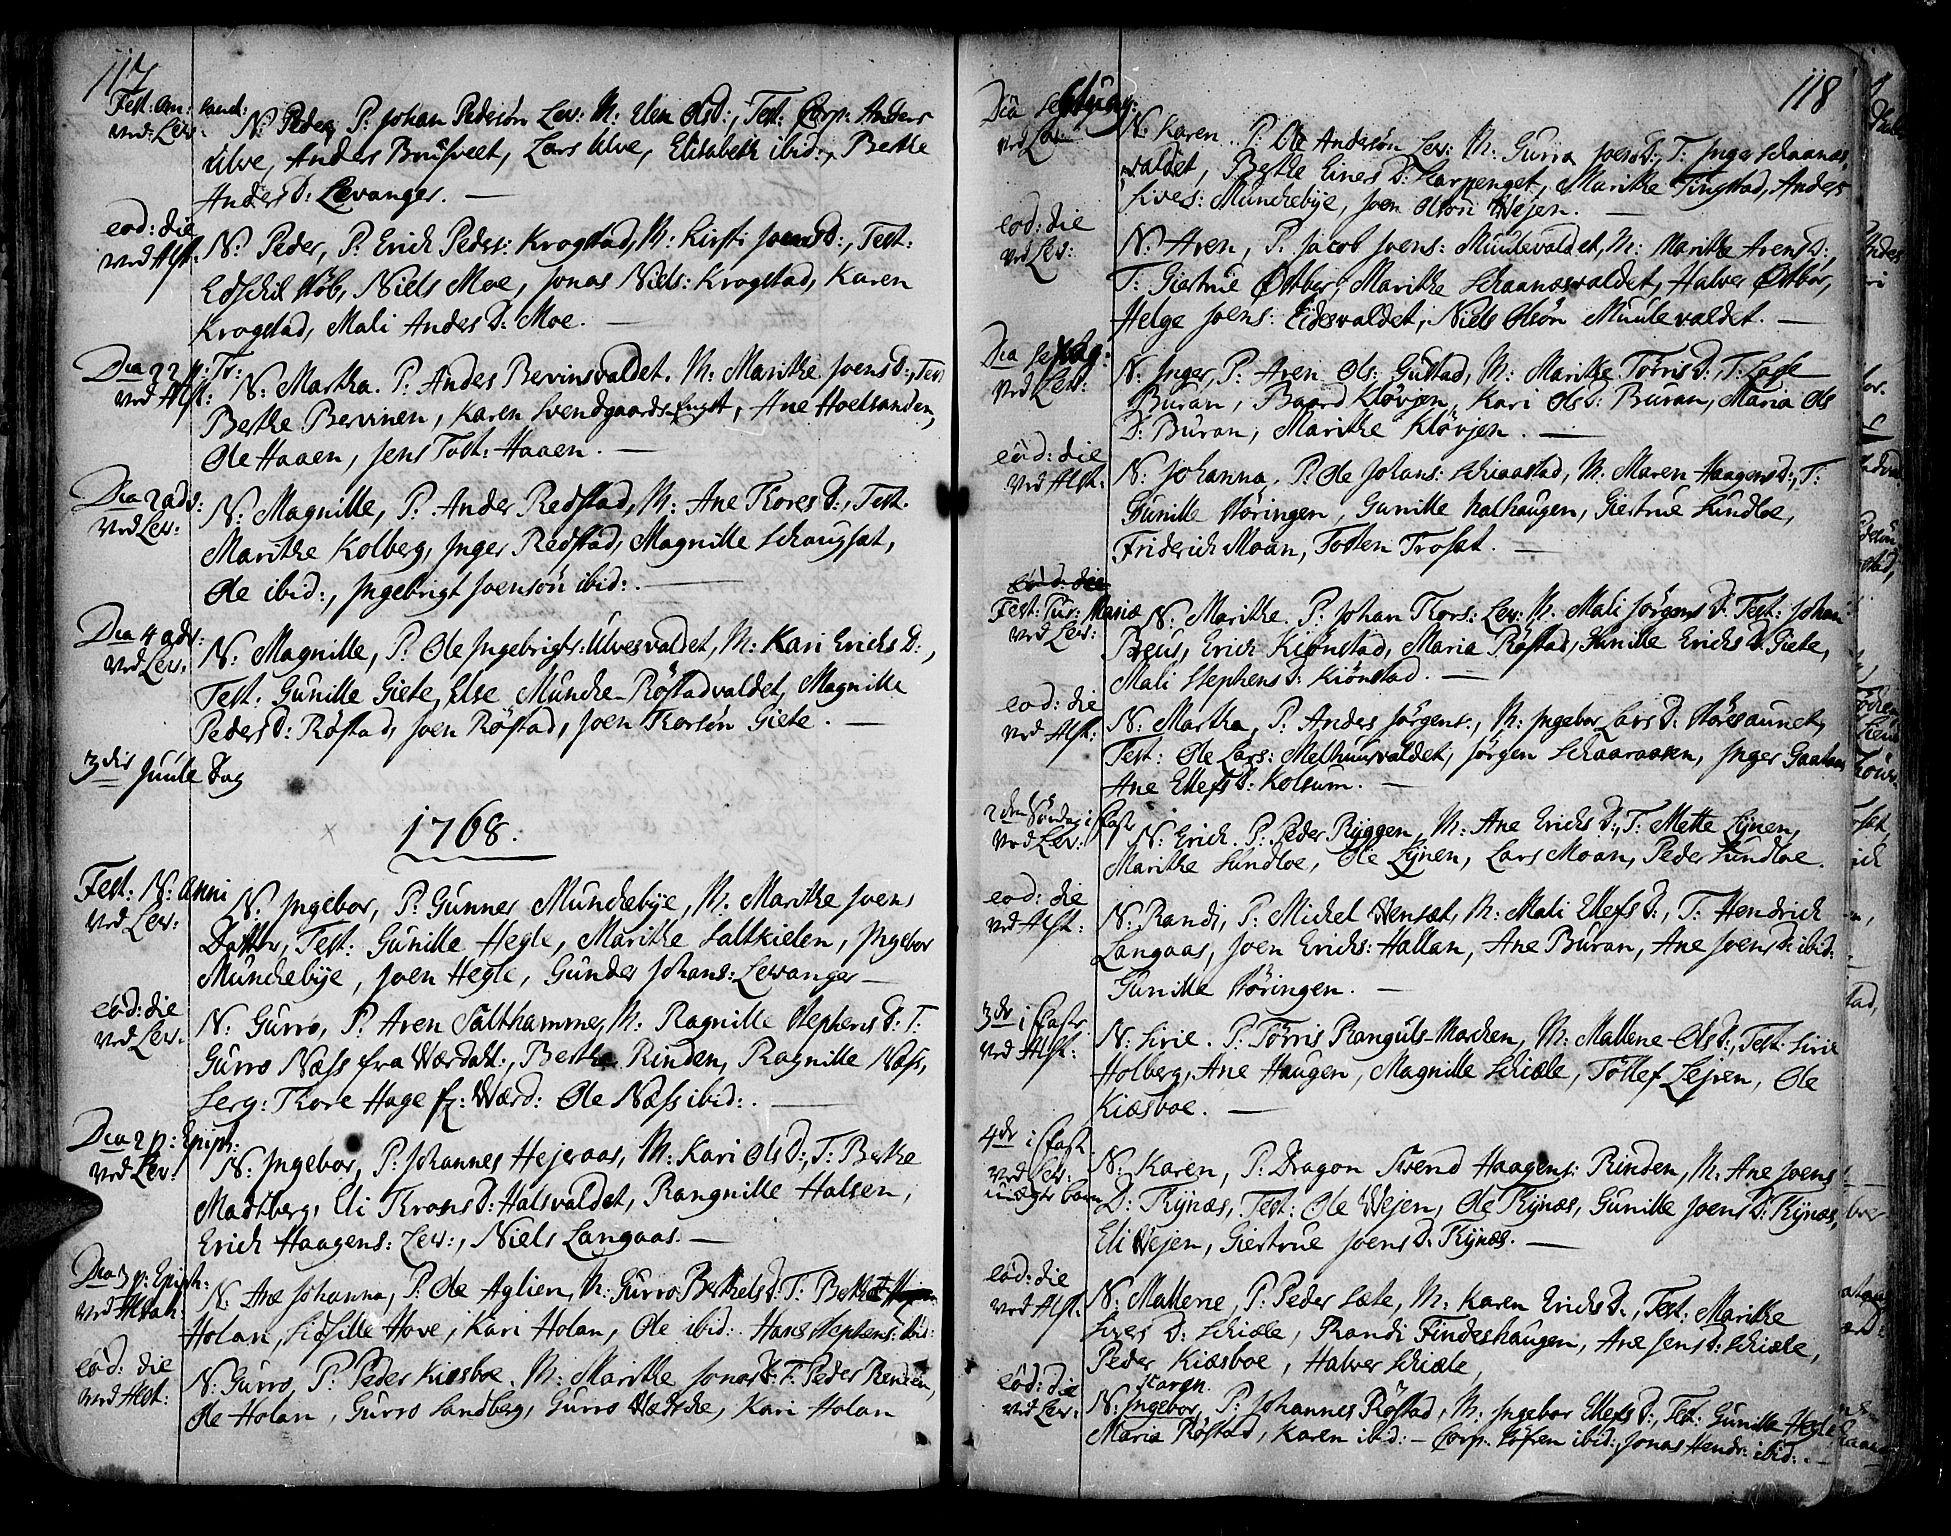 SAT, Ministerialprotokoller, klokkerbøker og fødselsregistre - Nord-Trøndelag, 717/L0141: Ministerialbok nr. 717A01, 1747-1803, s. 117-118